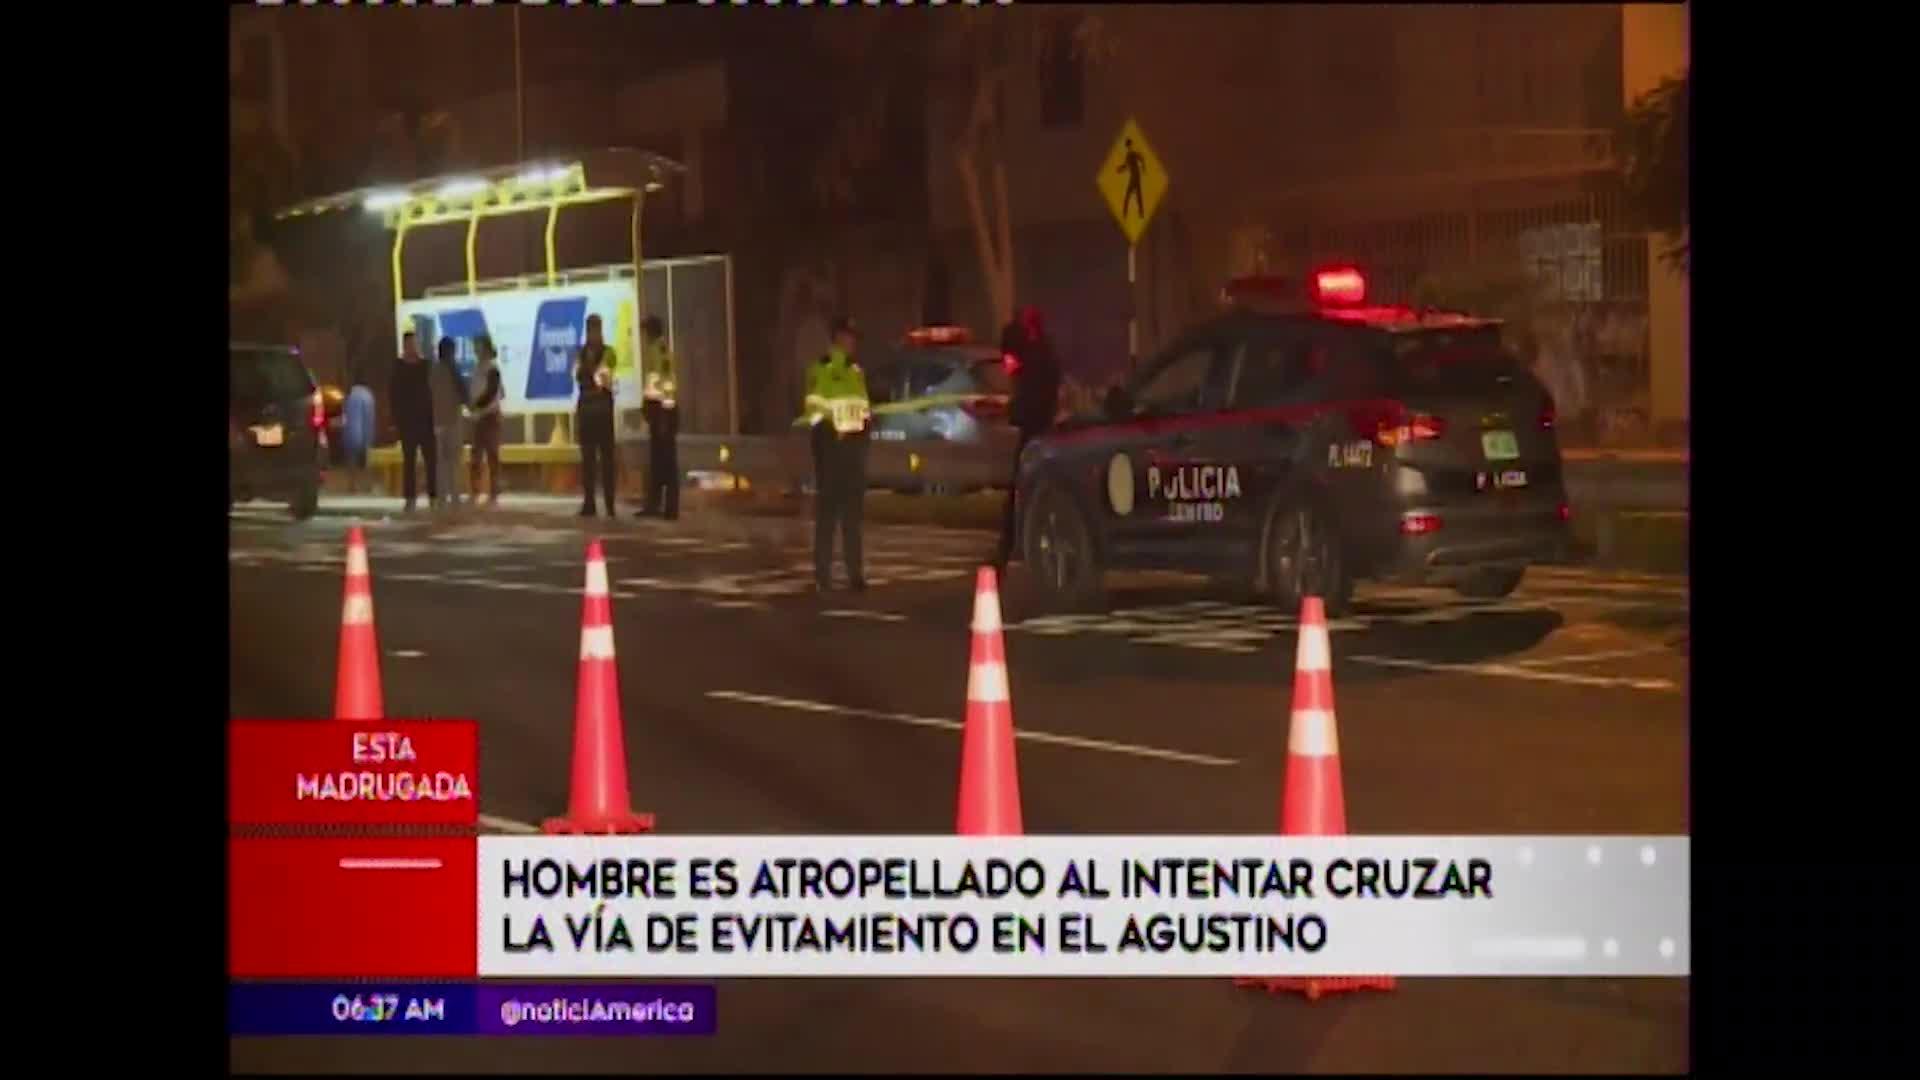 Hombre muere atropellado por transporte público al intentar cruzar Vía Evitamiento